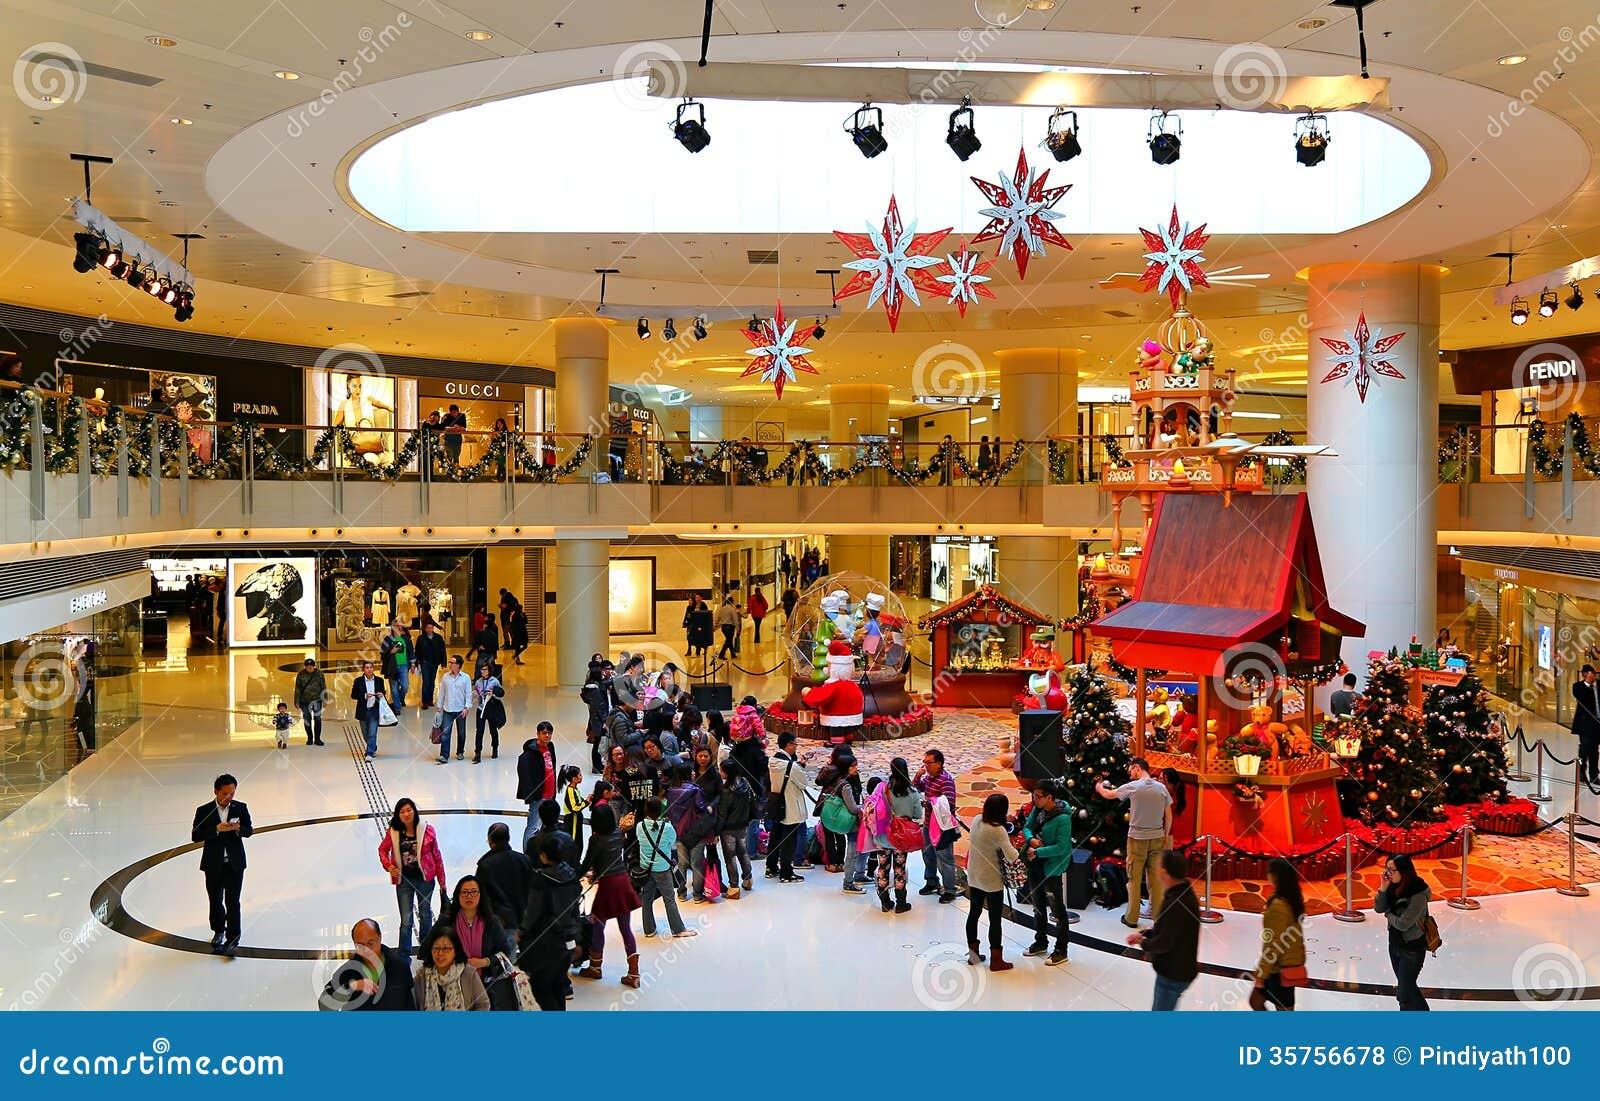 #B68B15 Décoration De Noël Dans Le Centre Commercial Photo Stock  5363 decorations de noel centre commercial 1300x911 px @ aertt.com